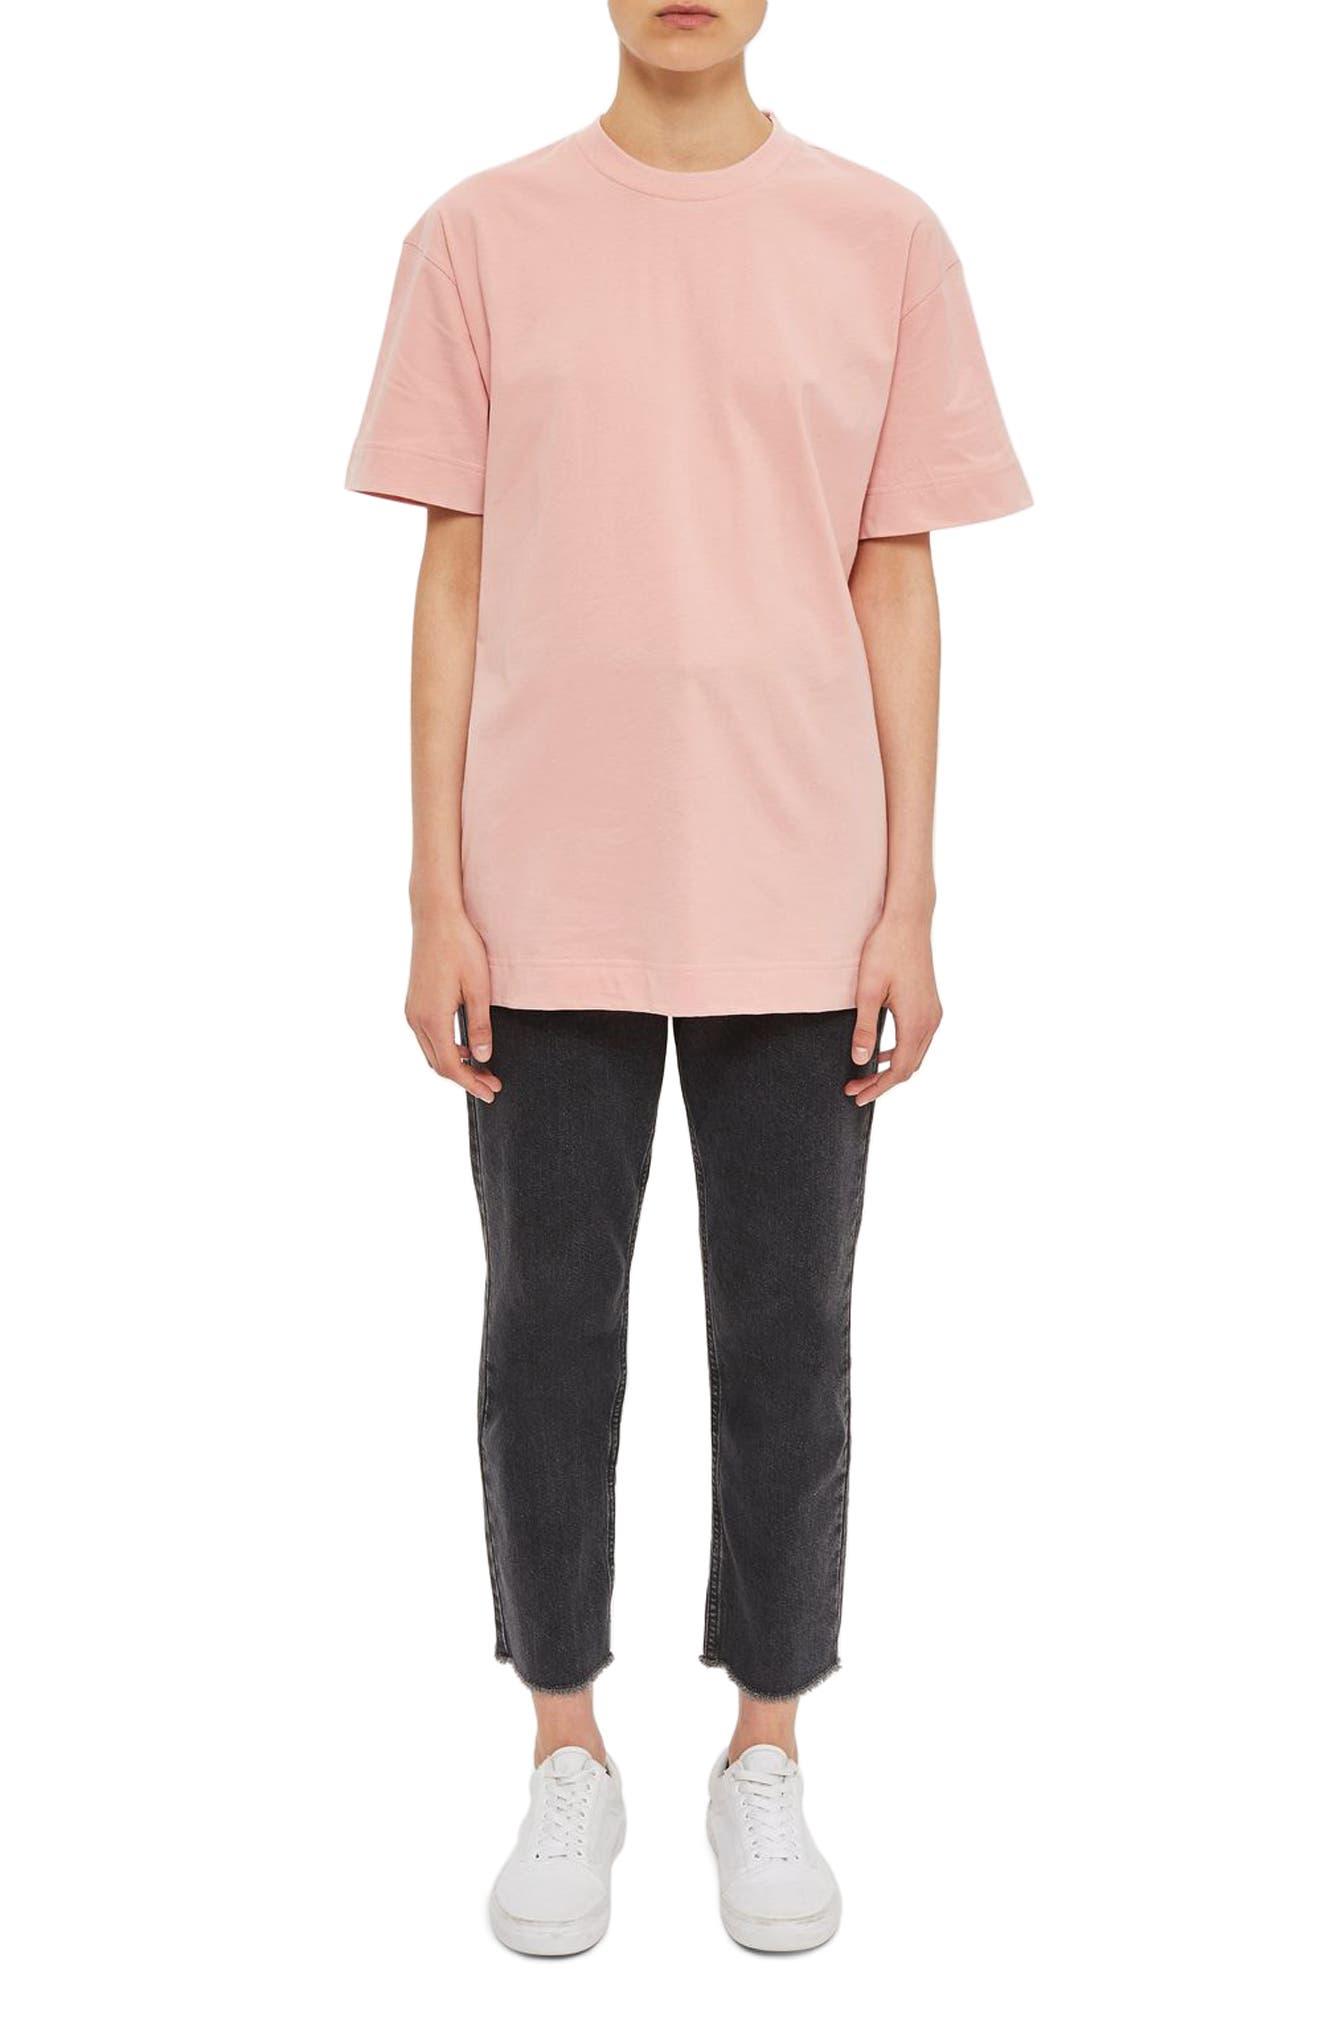 Topshop Boutique Boy T-Shirt